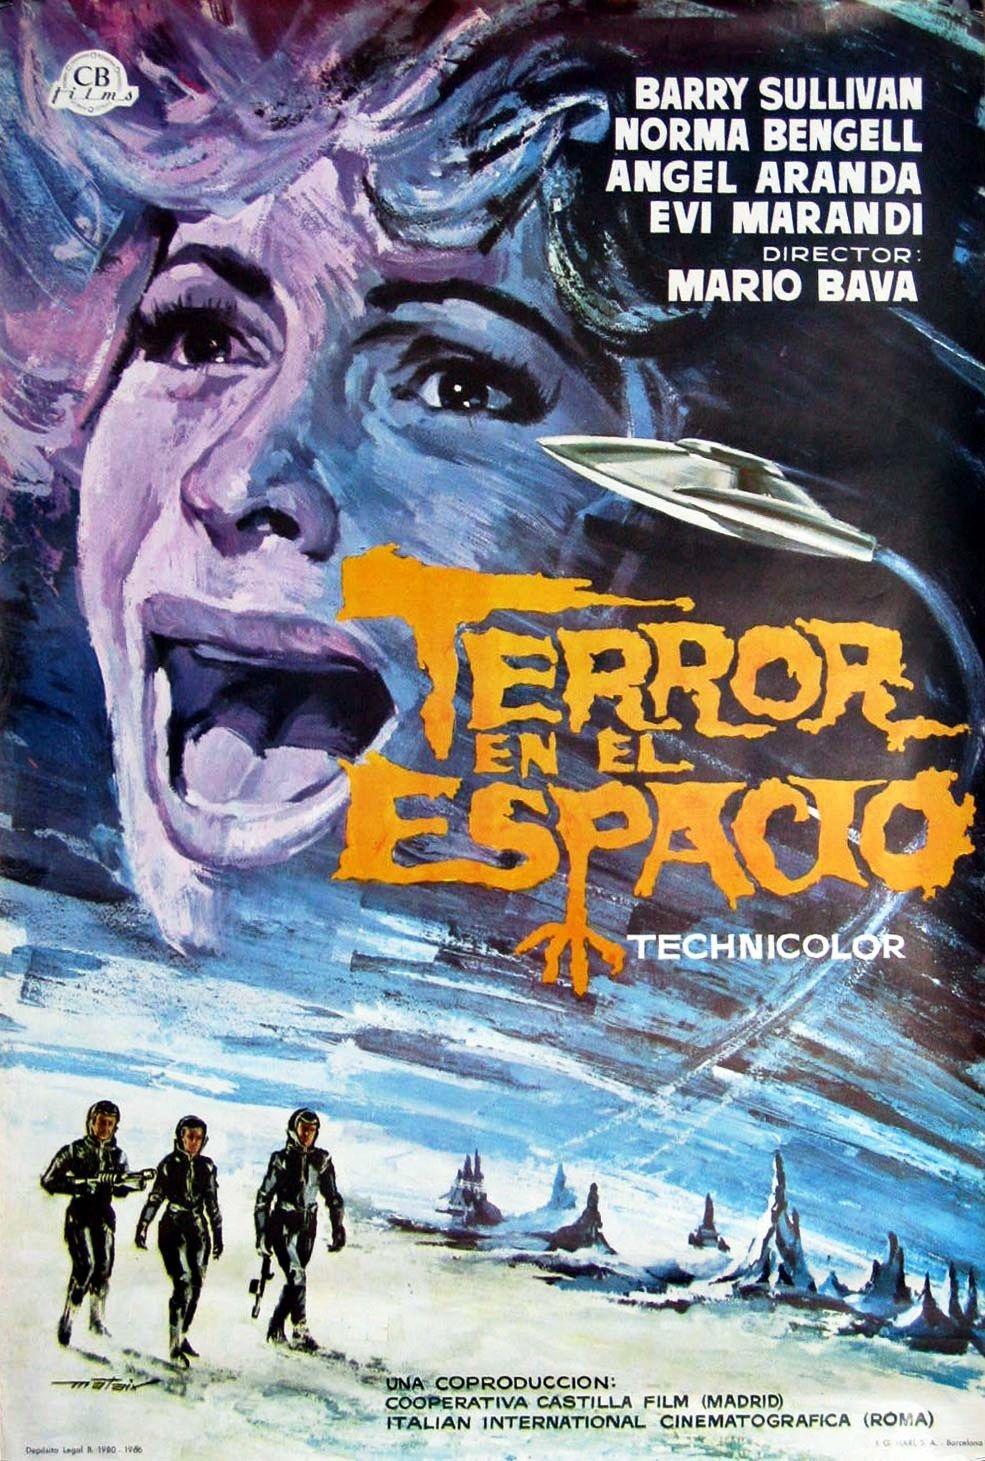 24 Of The Most Influential Greatest European Horror Movies 1900 S To The 1980 S Cine De Terror Peliculas De Ciencia Ficcion Peliculas De Terror